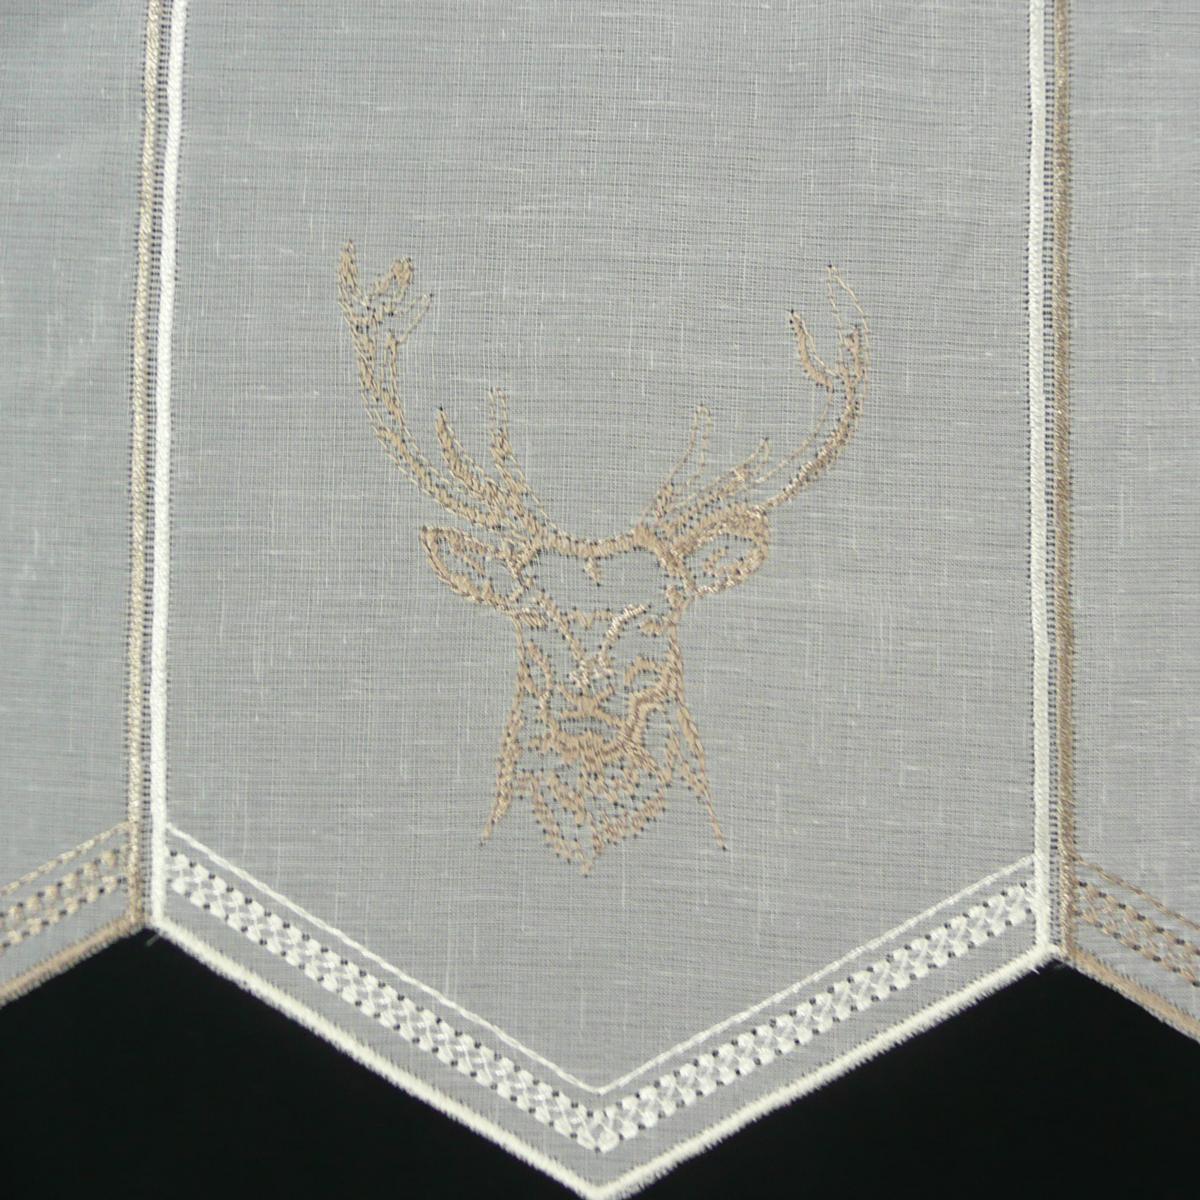 Gardine bistrogardine panneaux stickerei hirsch natur taupe 45cm h he inspirationen weihnachten - Bistrogardine weihnachten ...